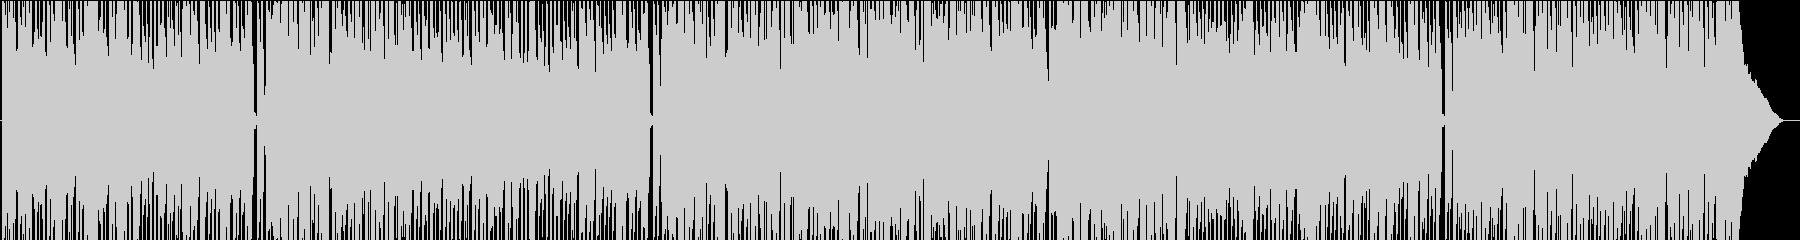 底抜けに明るい木琴メロのキッズ用楽曲の未再生の波形